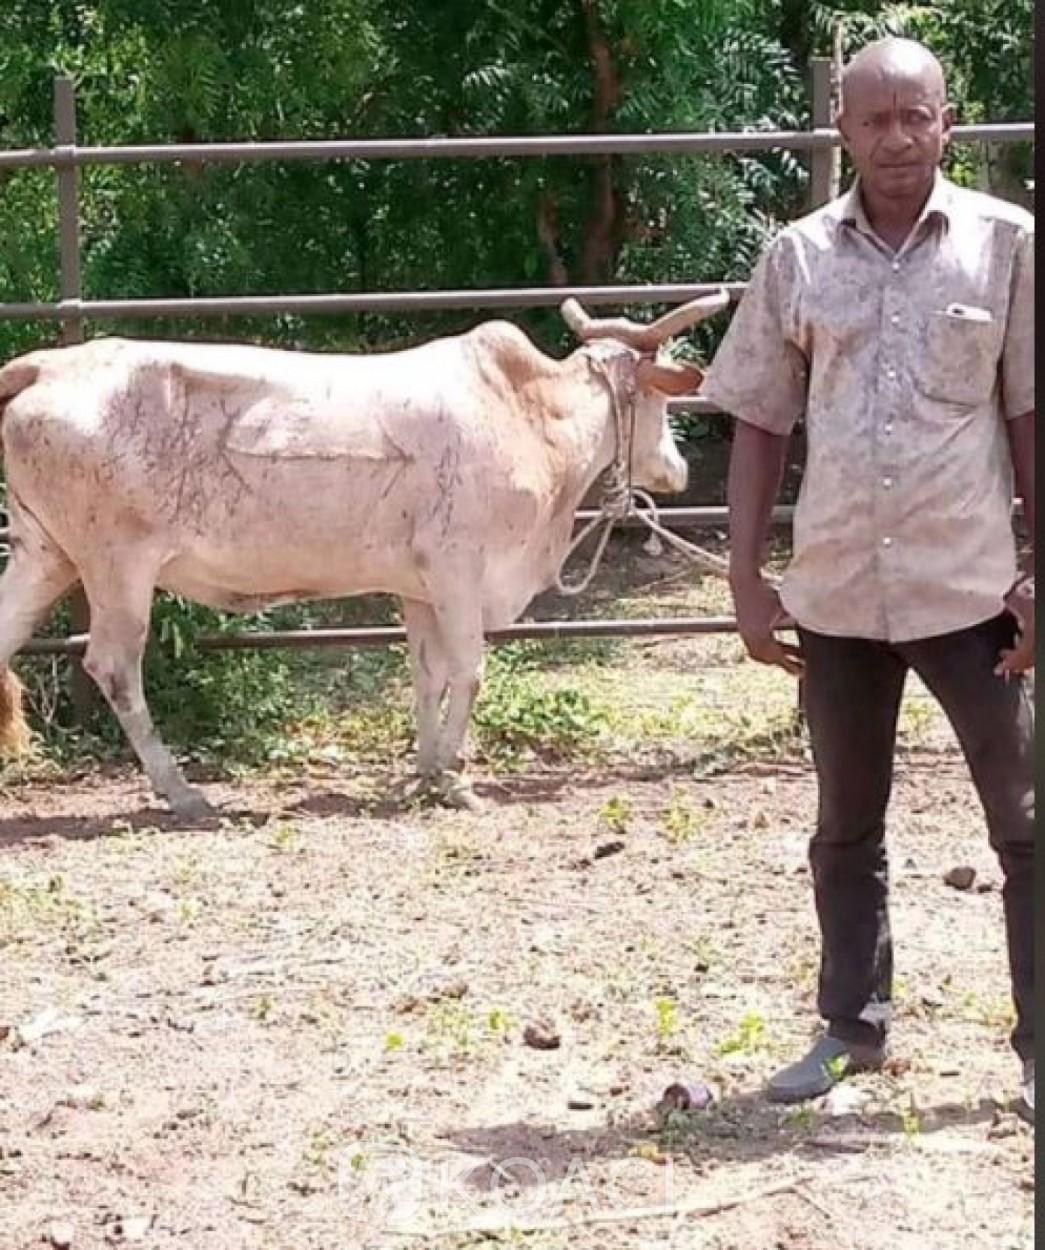 Côte d'Ivoire : Assassinat du président des éleveurs de la Bagoué, la thèse d'un règlement de compte brandit par ses proches